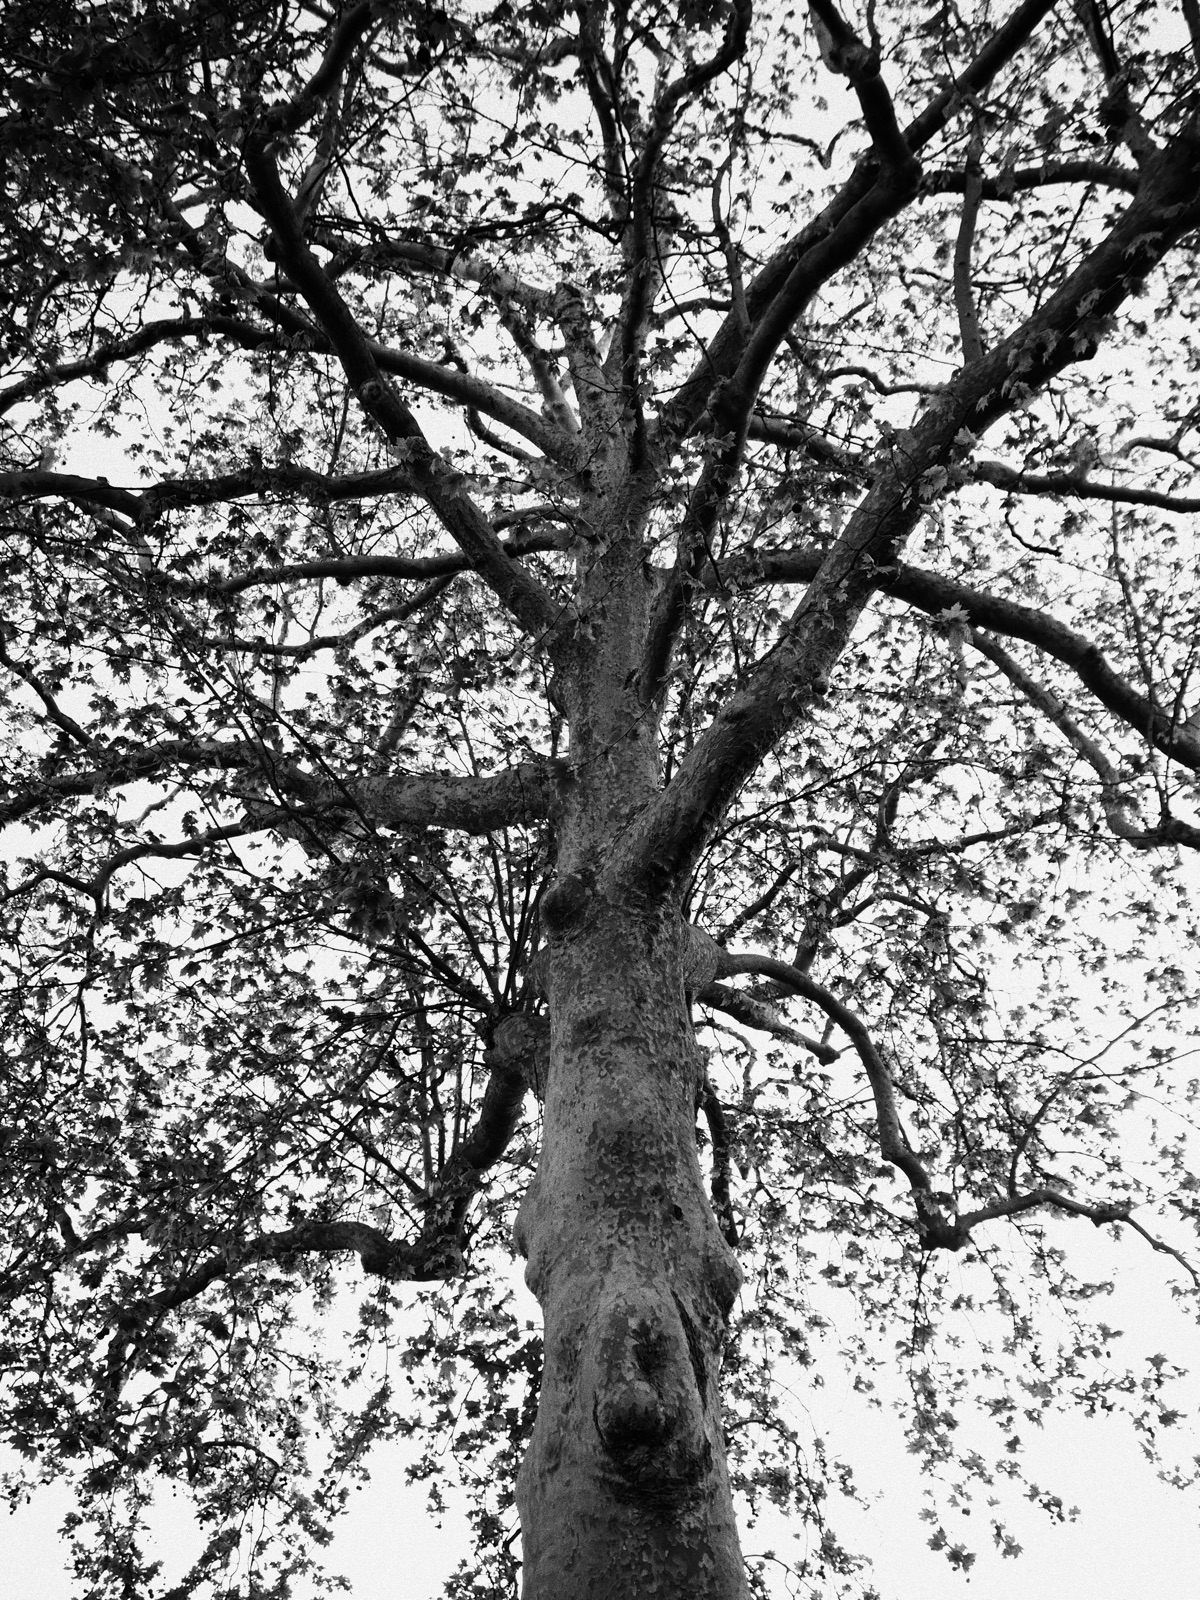 Tree love tree. arrangement bra - skazman | ello